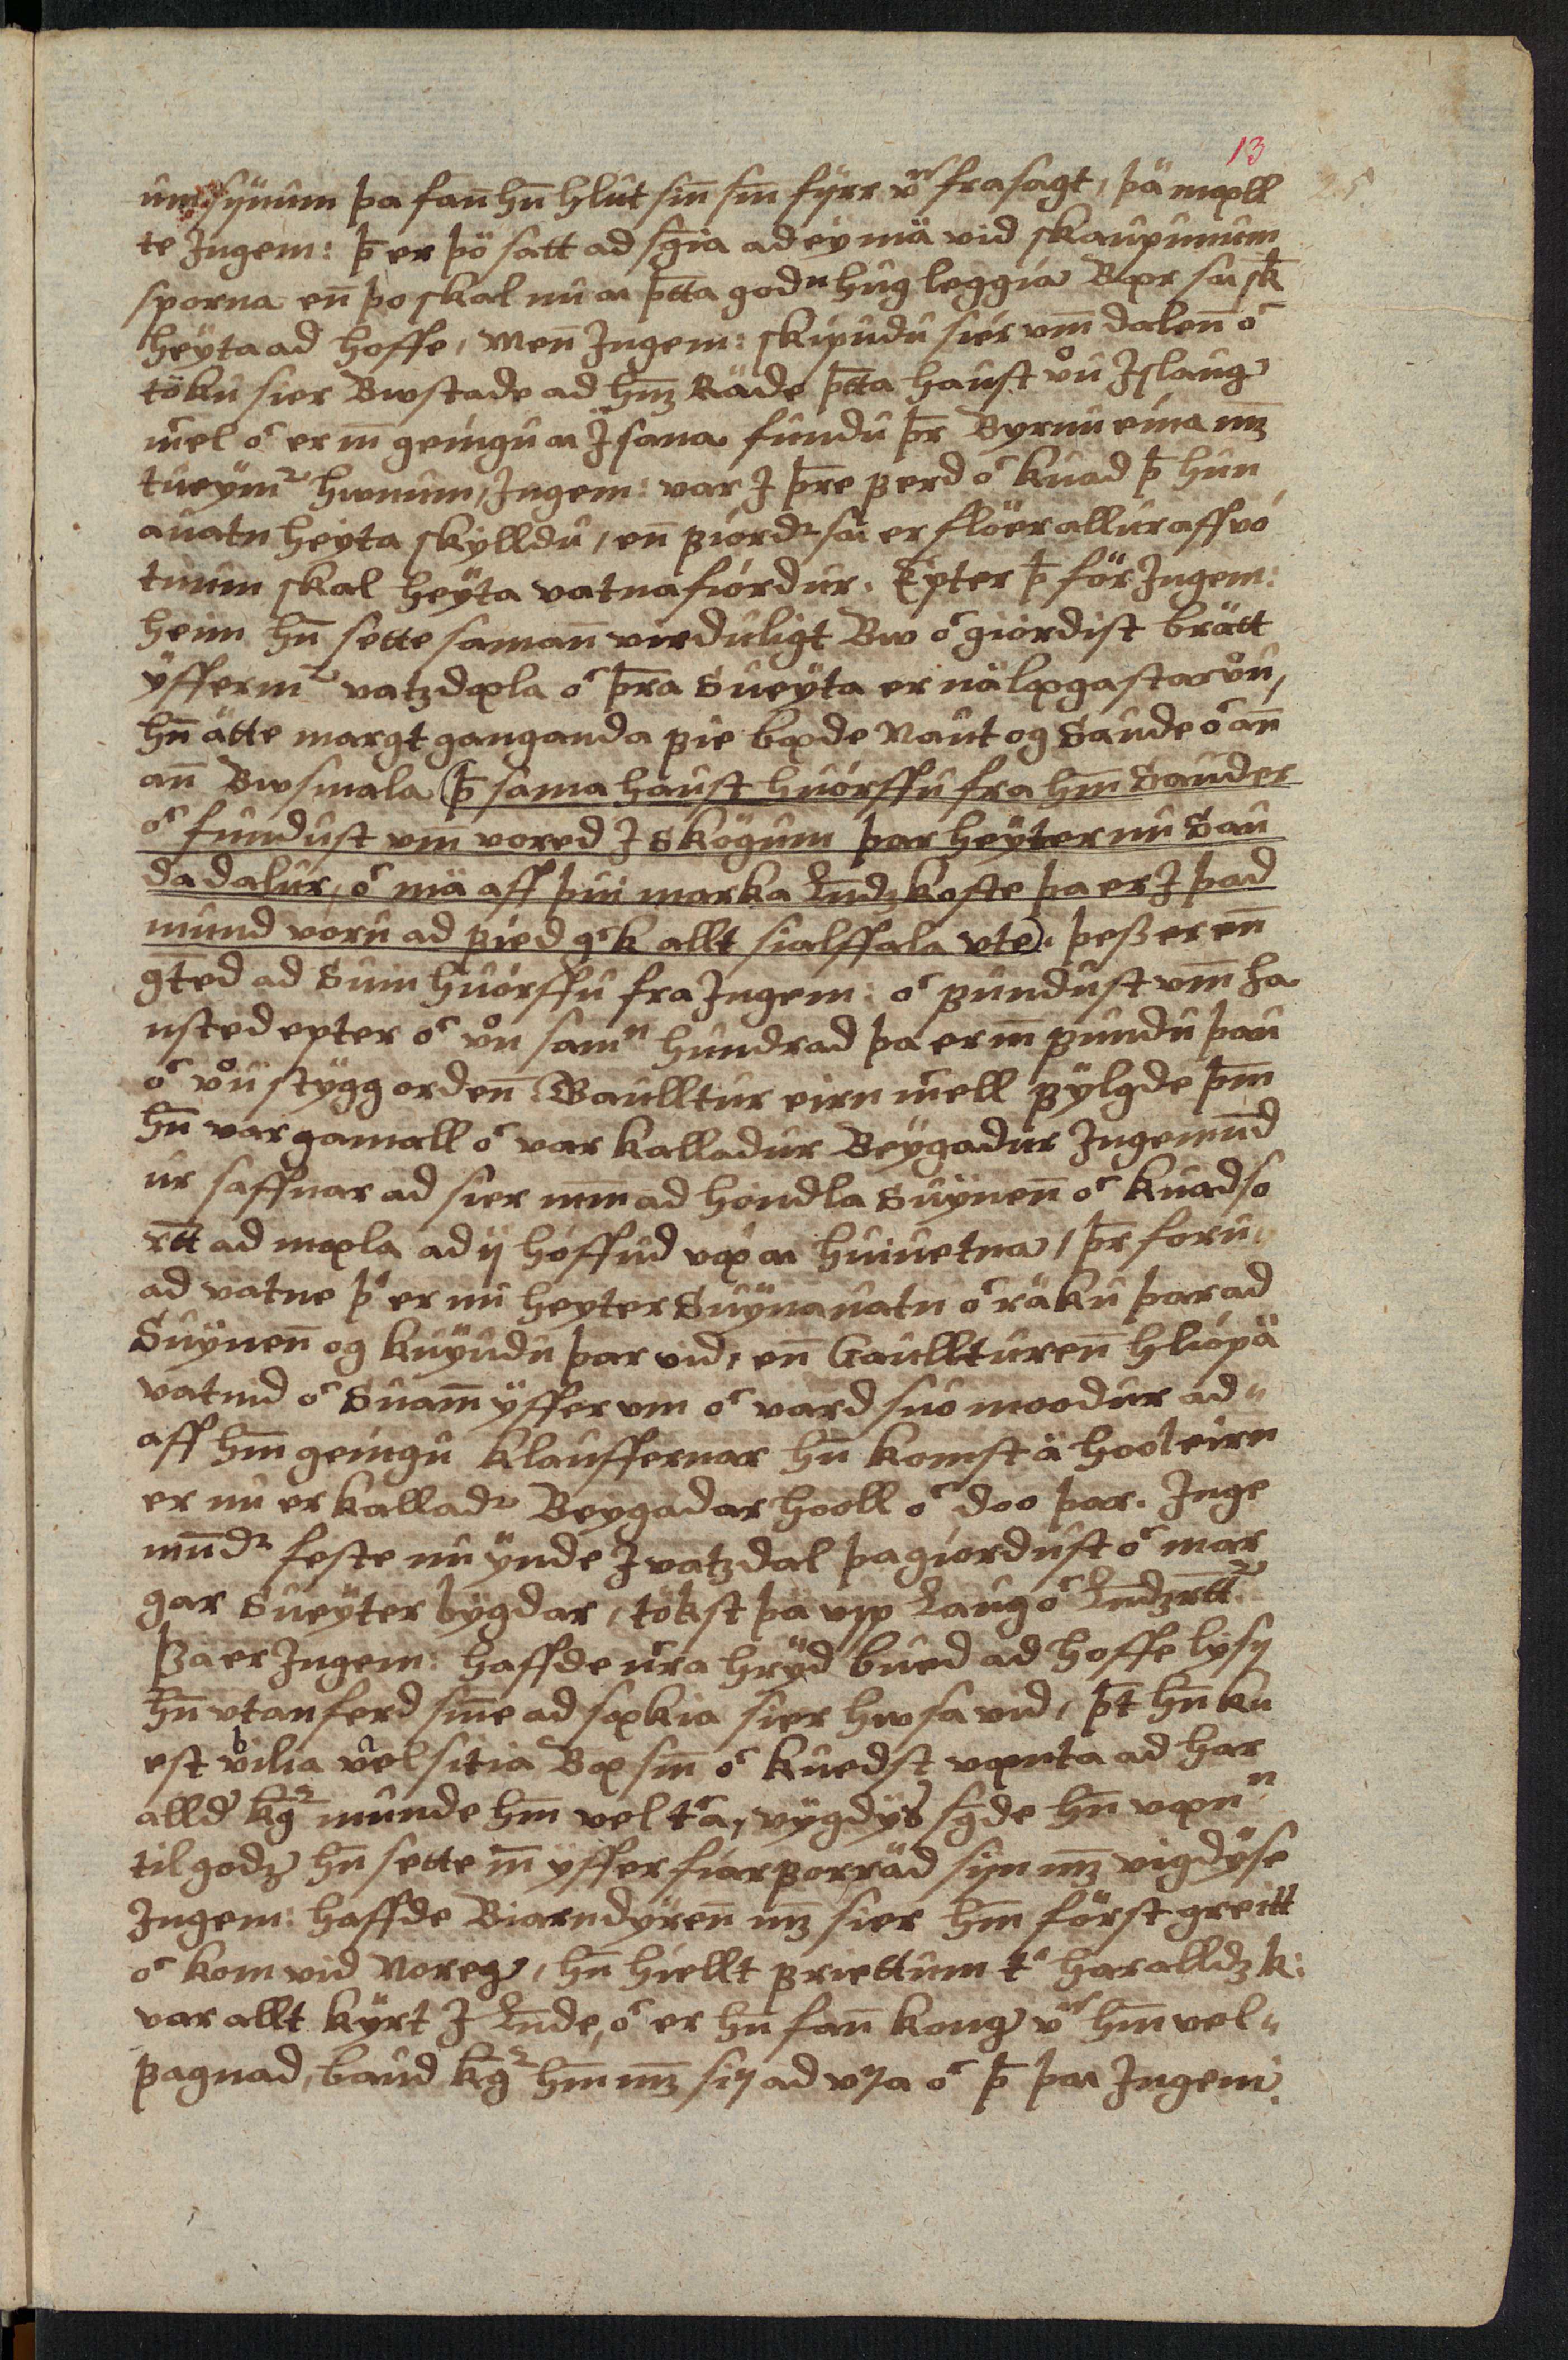 AM 138 fol - 13r